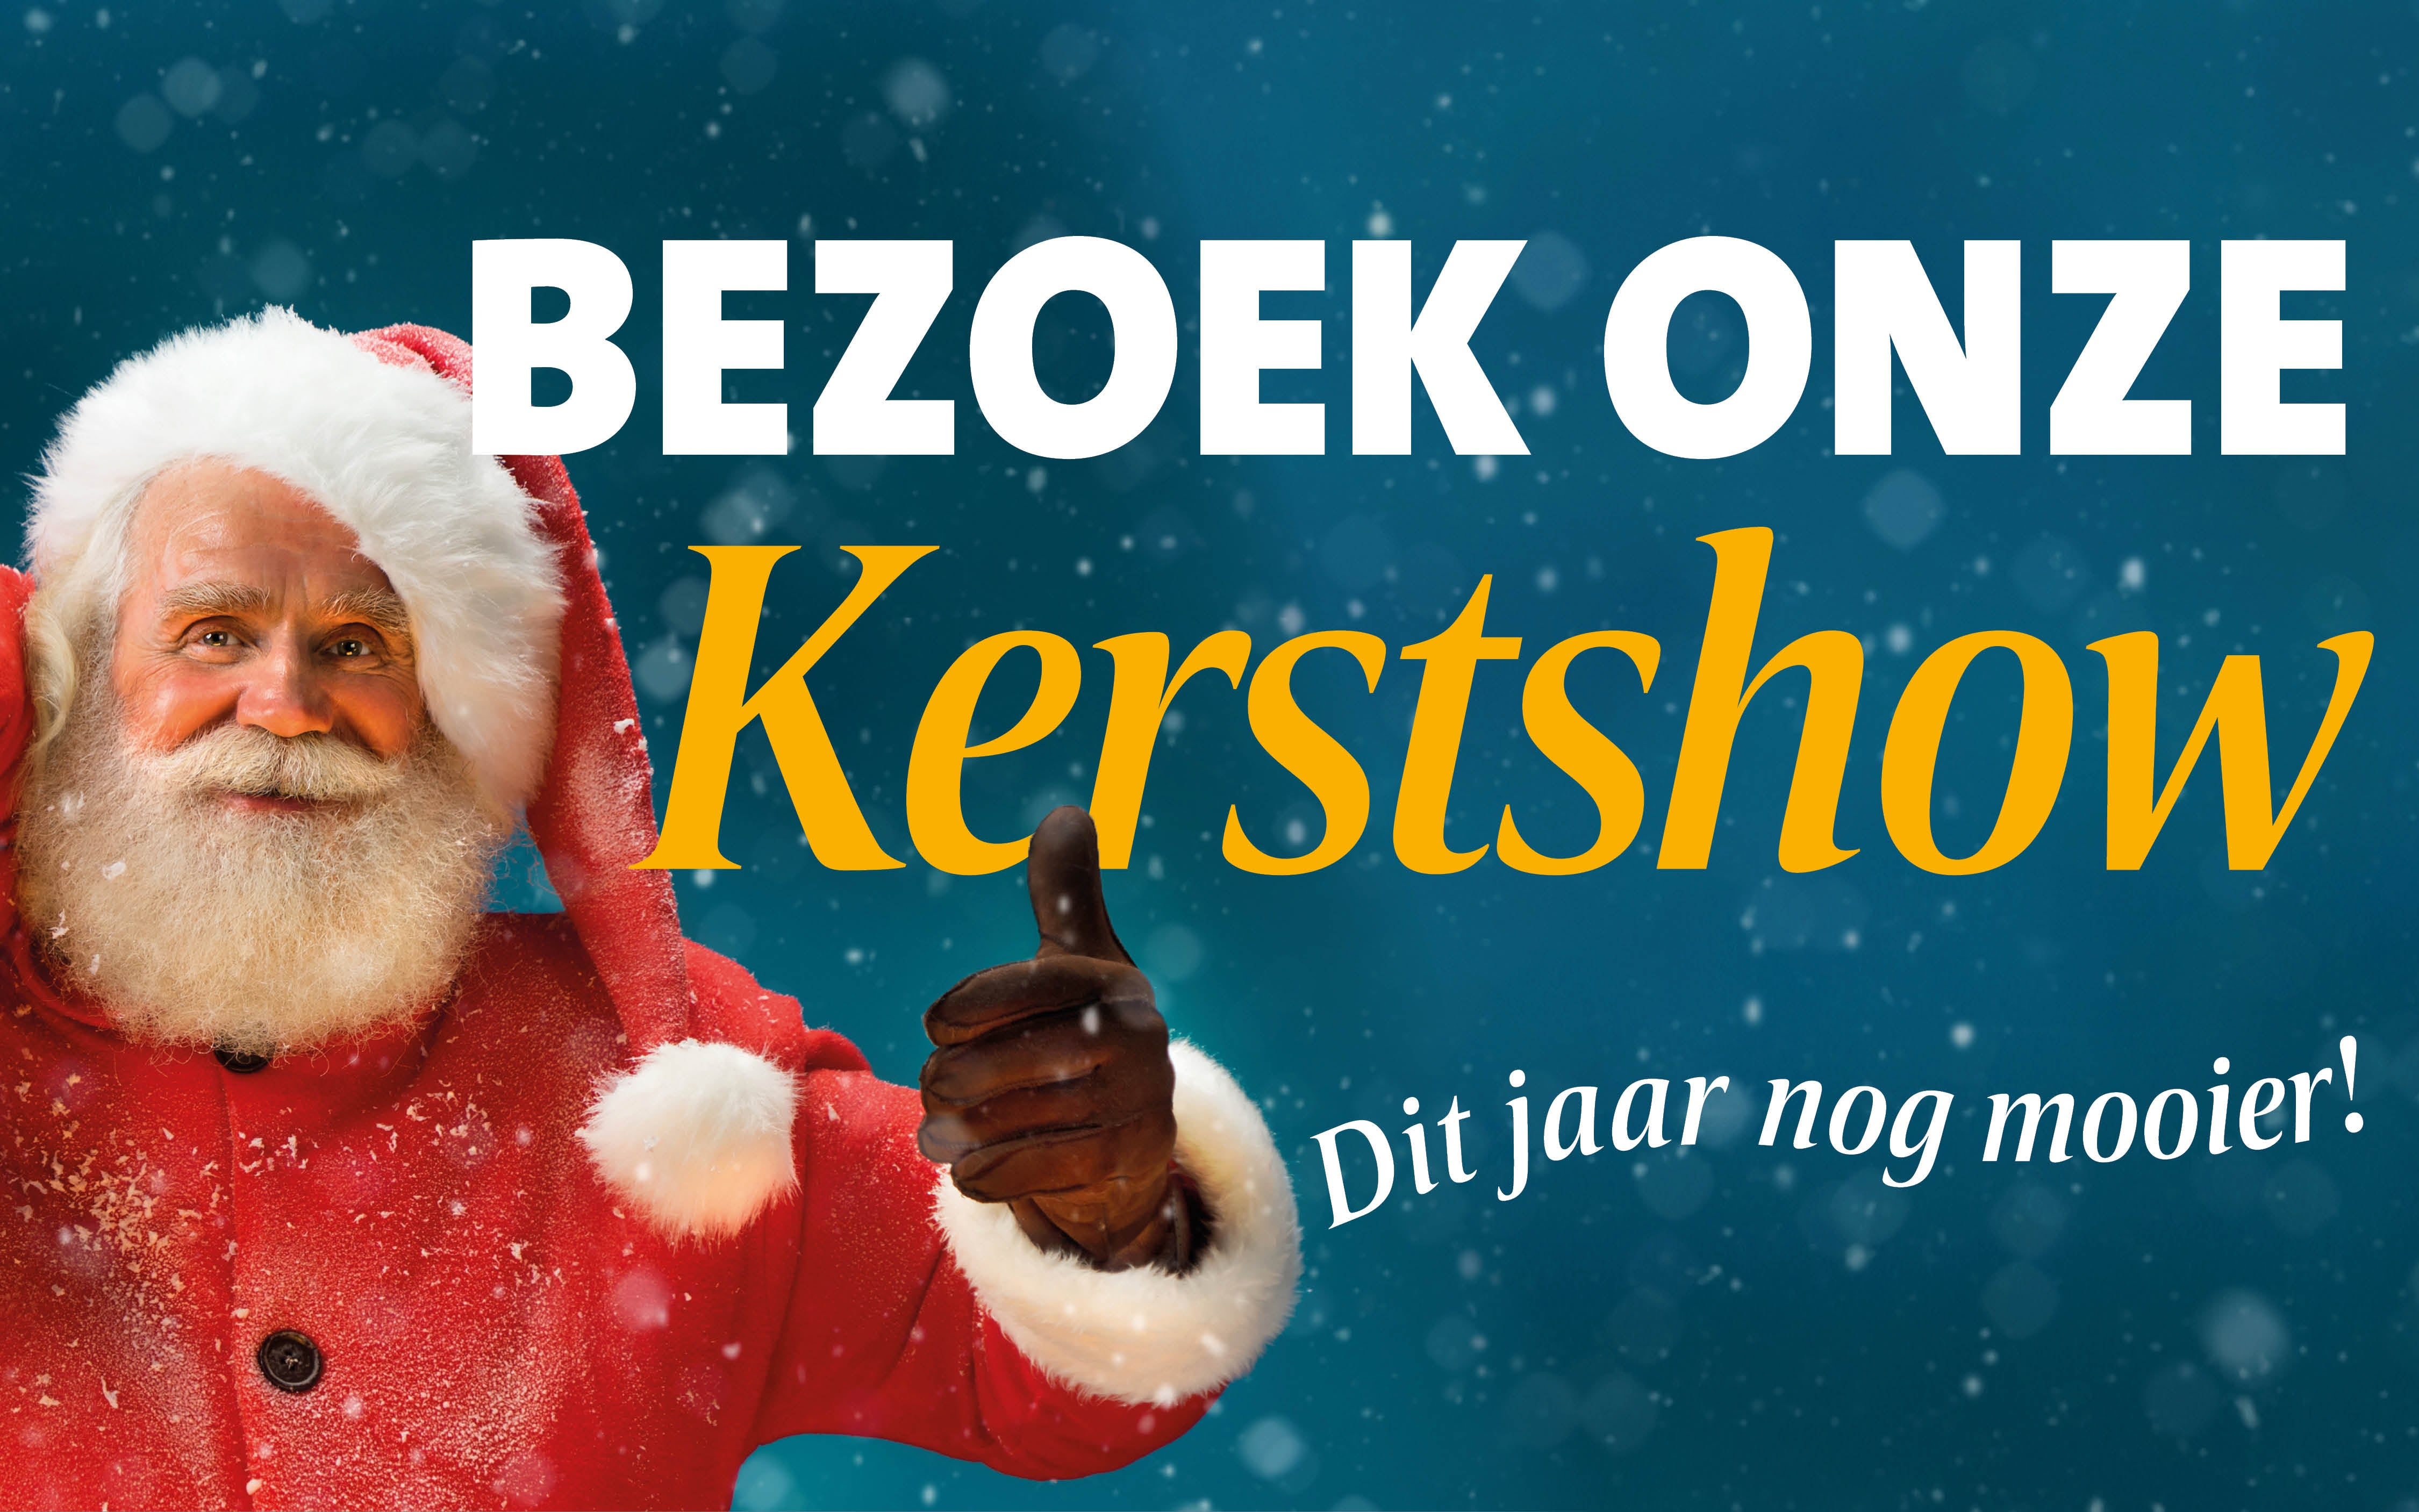 Bezoek onze Kerstshow!